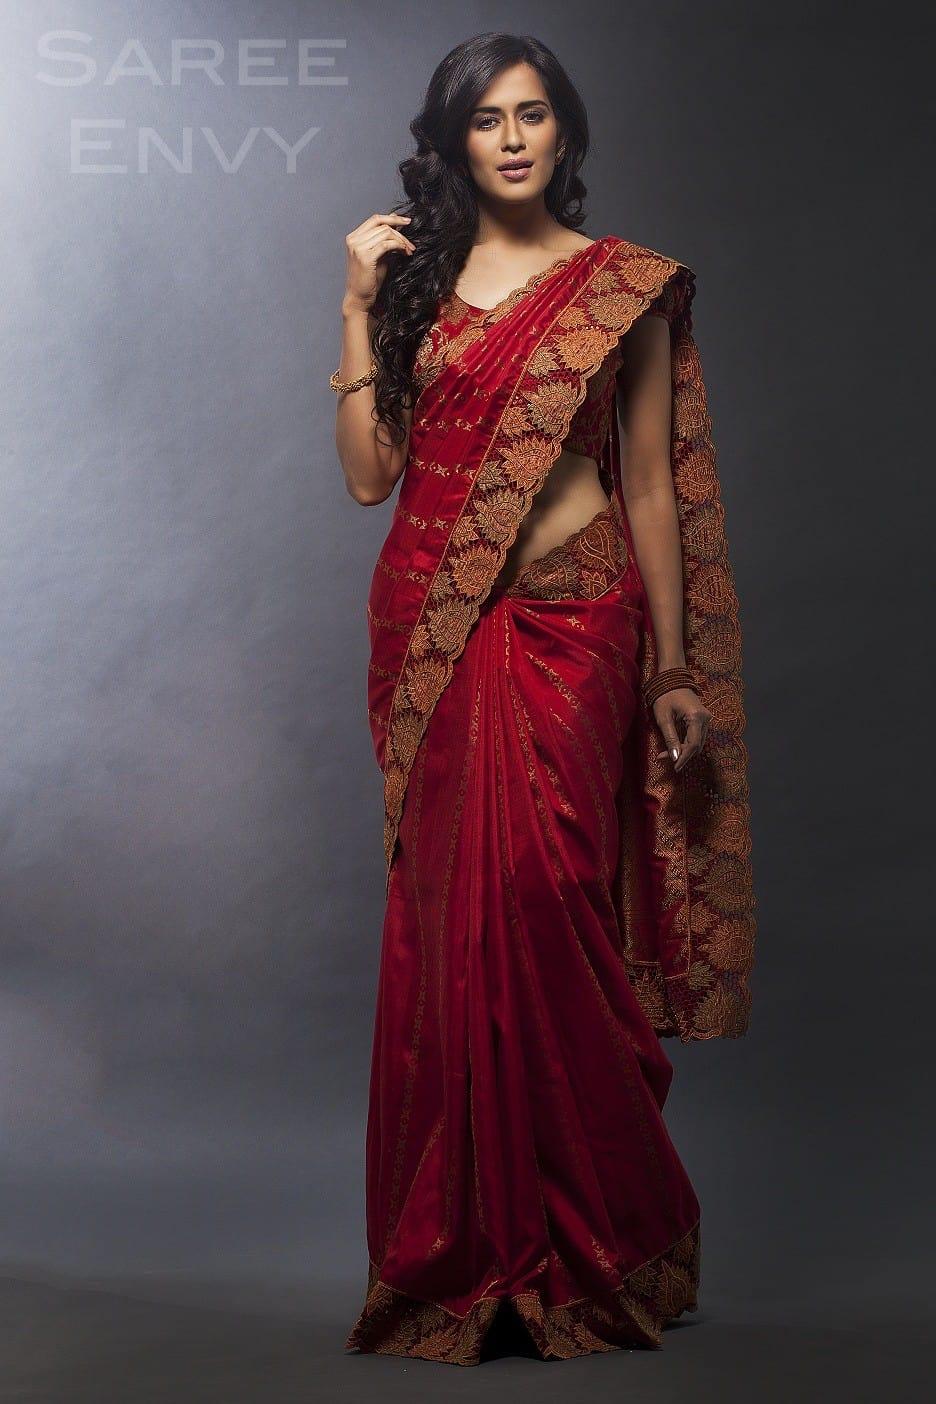 7cd9e8004131 Saree Envy – Unique Designer High Quality Handcrafted Sarees